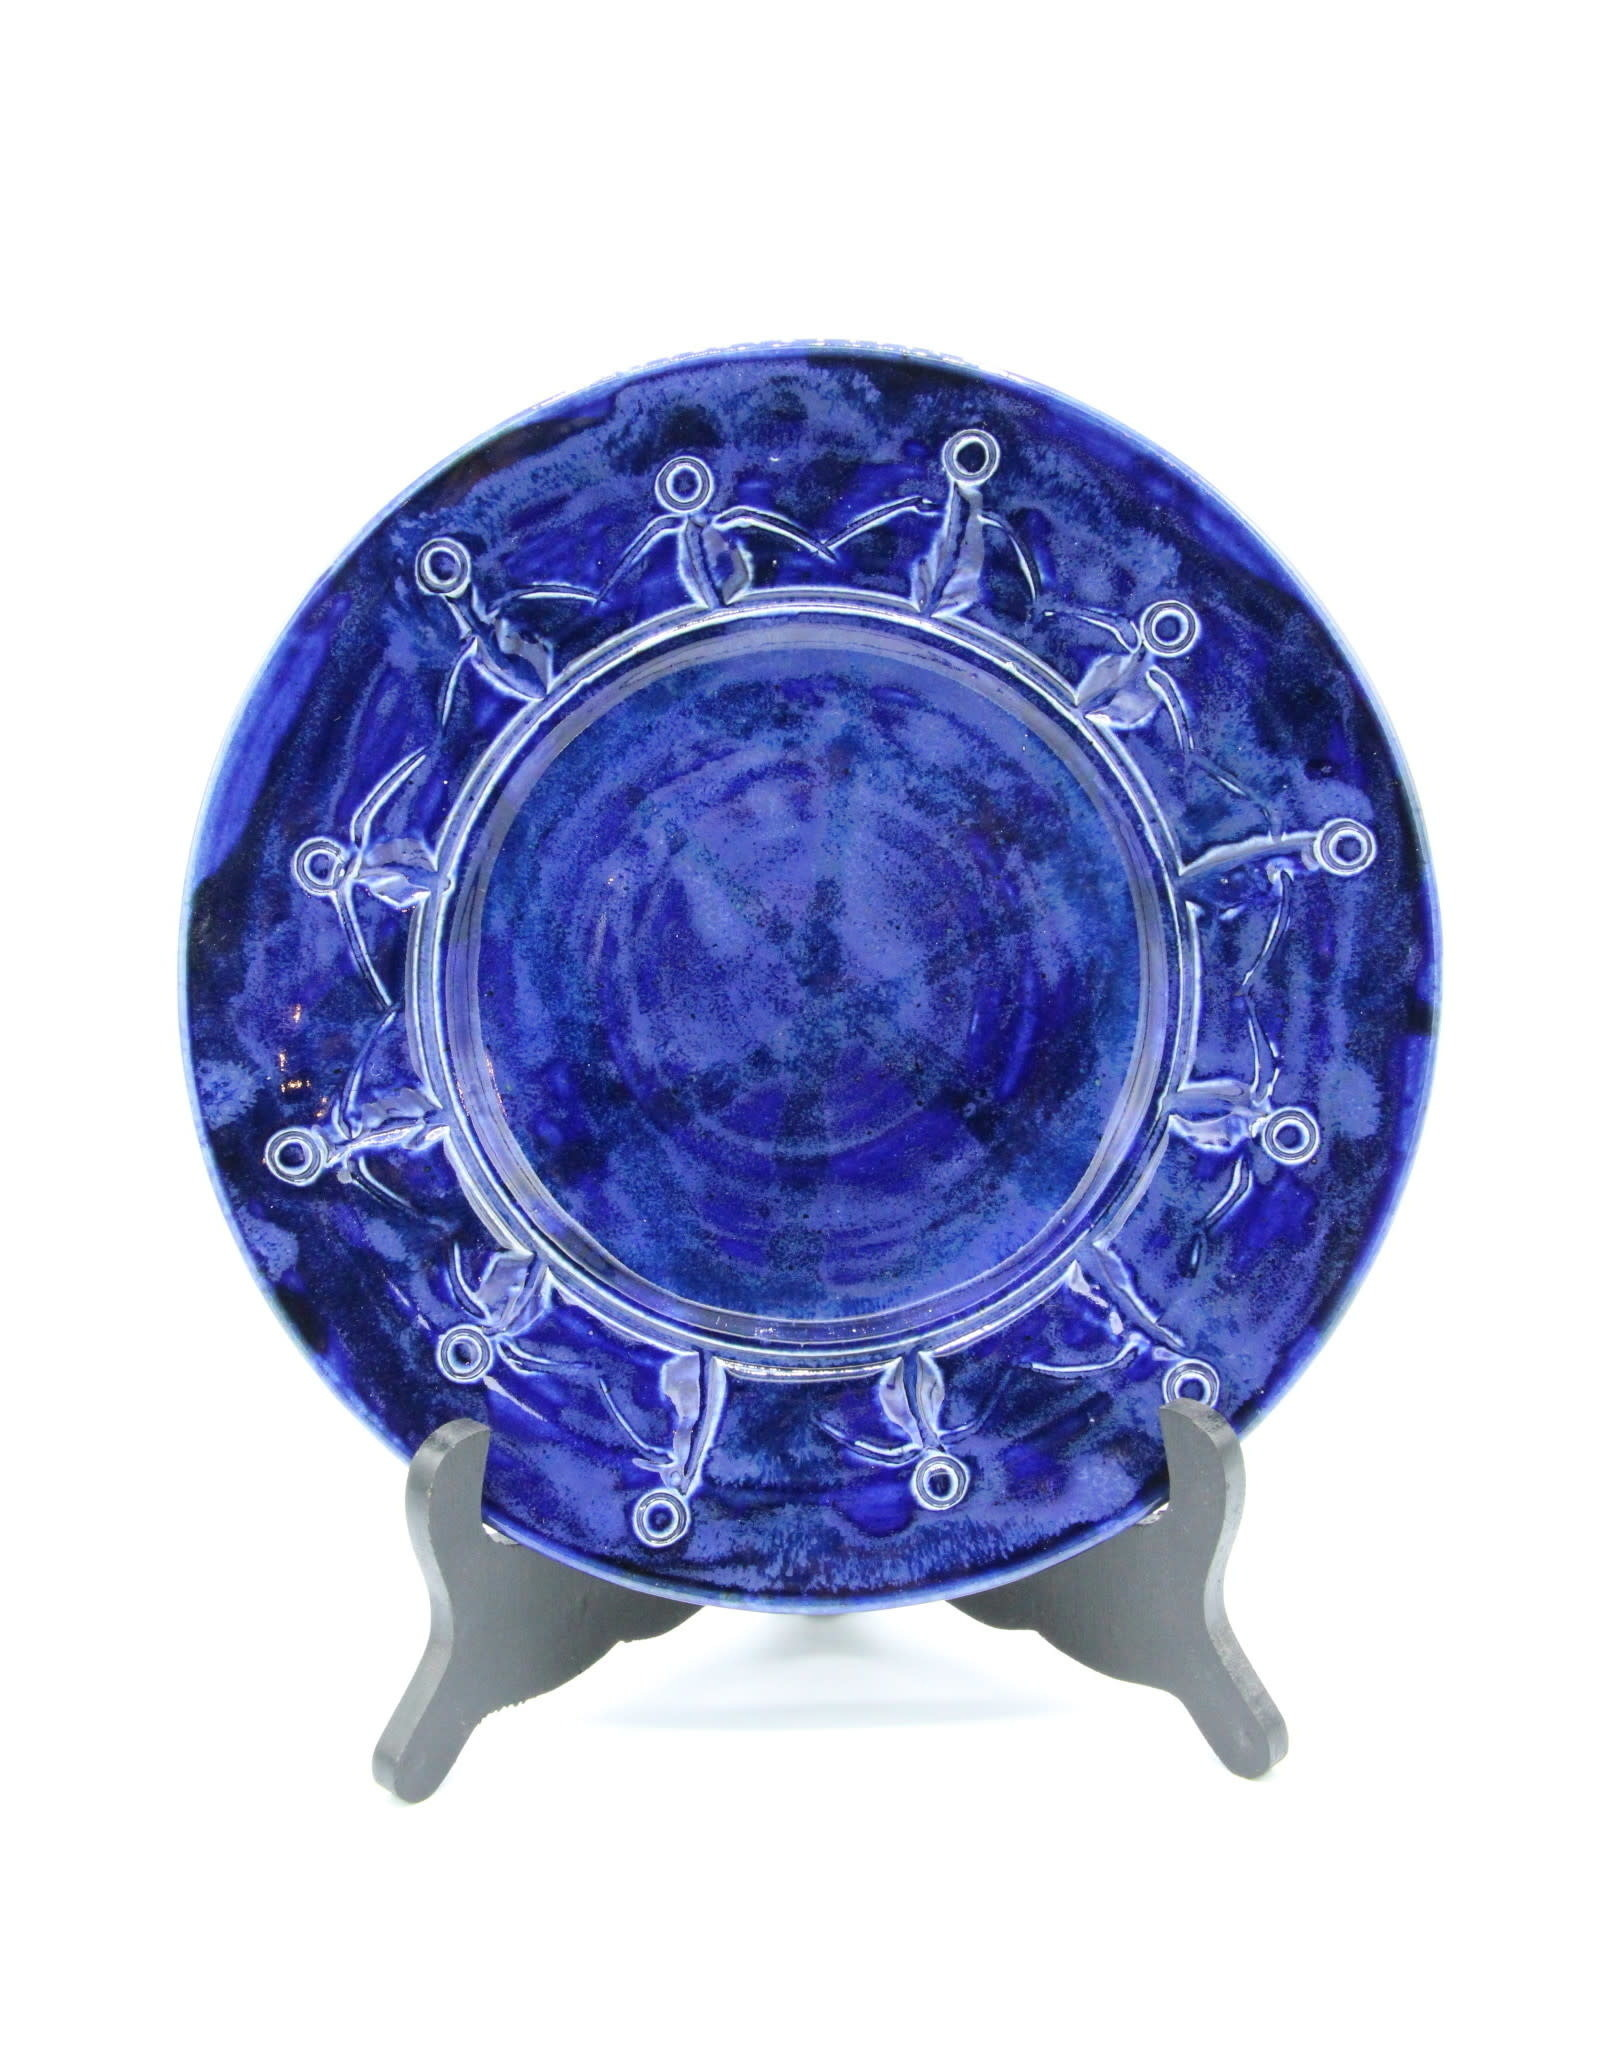 Friendship Plate - Cobalt